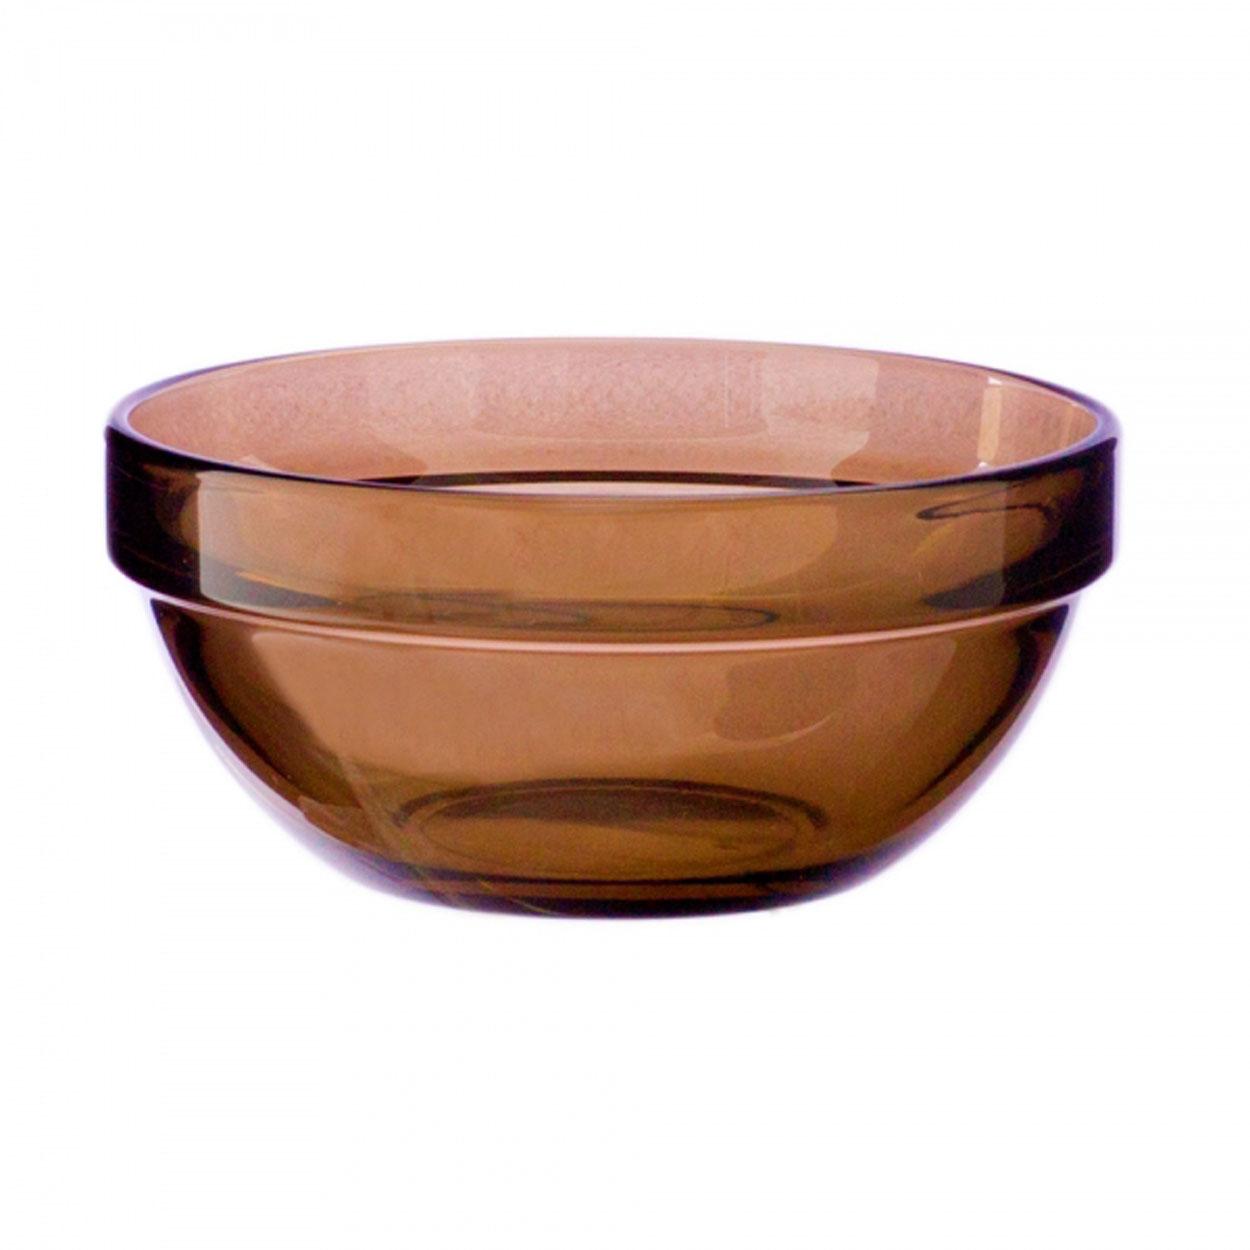 Салатник Luminarc Empilable Eclipse, диаметр 12 см23187Салатник Luminarc Empilable Eclipse отлично подойдет для подачи салатов из свежих овощей и фруктов, а также для слоеных салатов, насыщая каждого участника трапезы полезными витаминами. Простой и универсальный салатник на каждый день изготовлен из качественного стекла, безопасен при контакте с пищевыми продуктами, не выделяет вредных веществ. Можно мыть в посудомоечной машине и использовать в СВЧ. Диаметр салатника: 12 см. Высота салатника: 5,5 см.